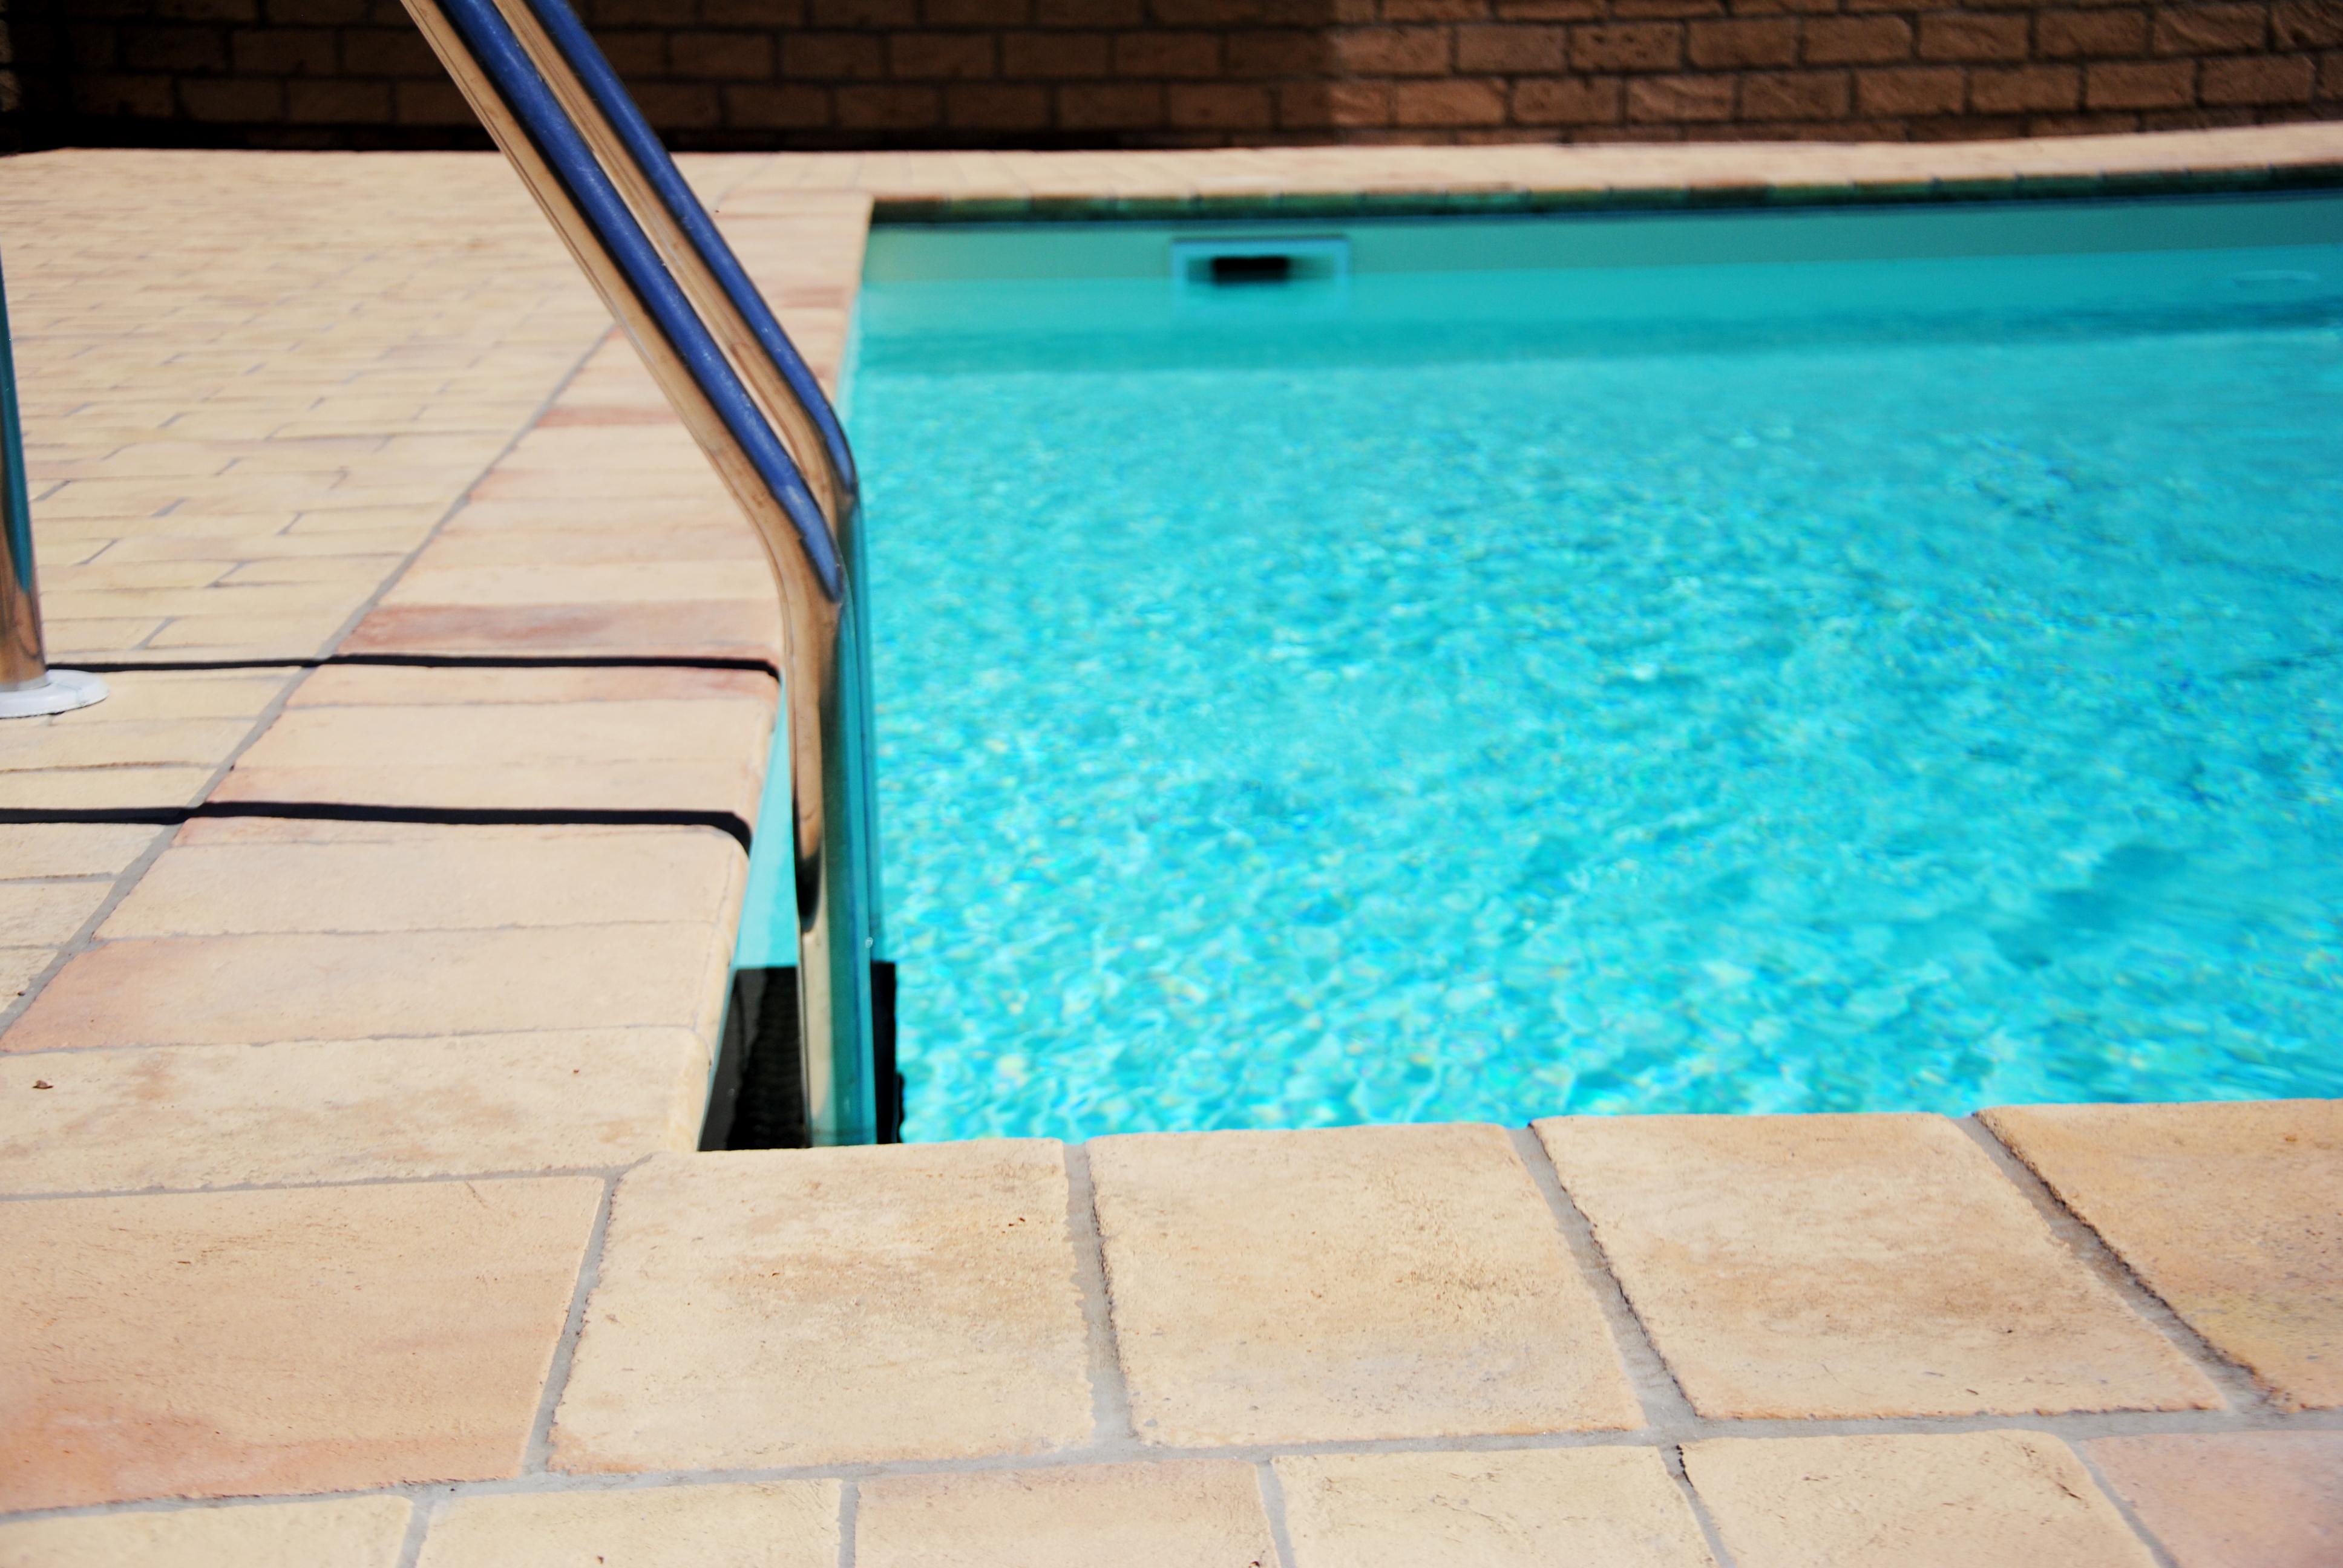 Piastrelle Per Interno Piscina : Piastrelle antiscivolo per bordo piscina pavimentazioni per i